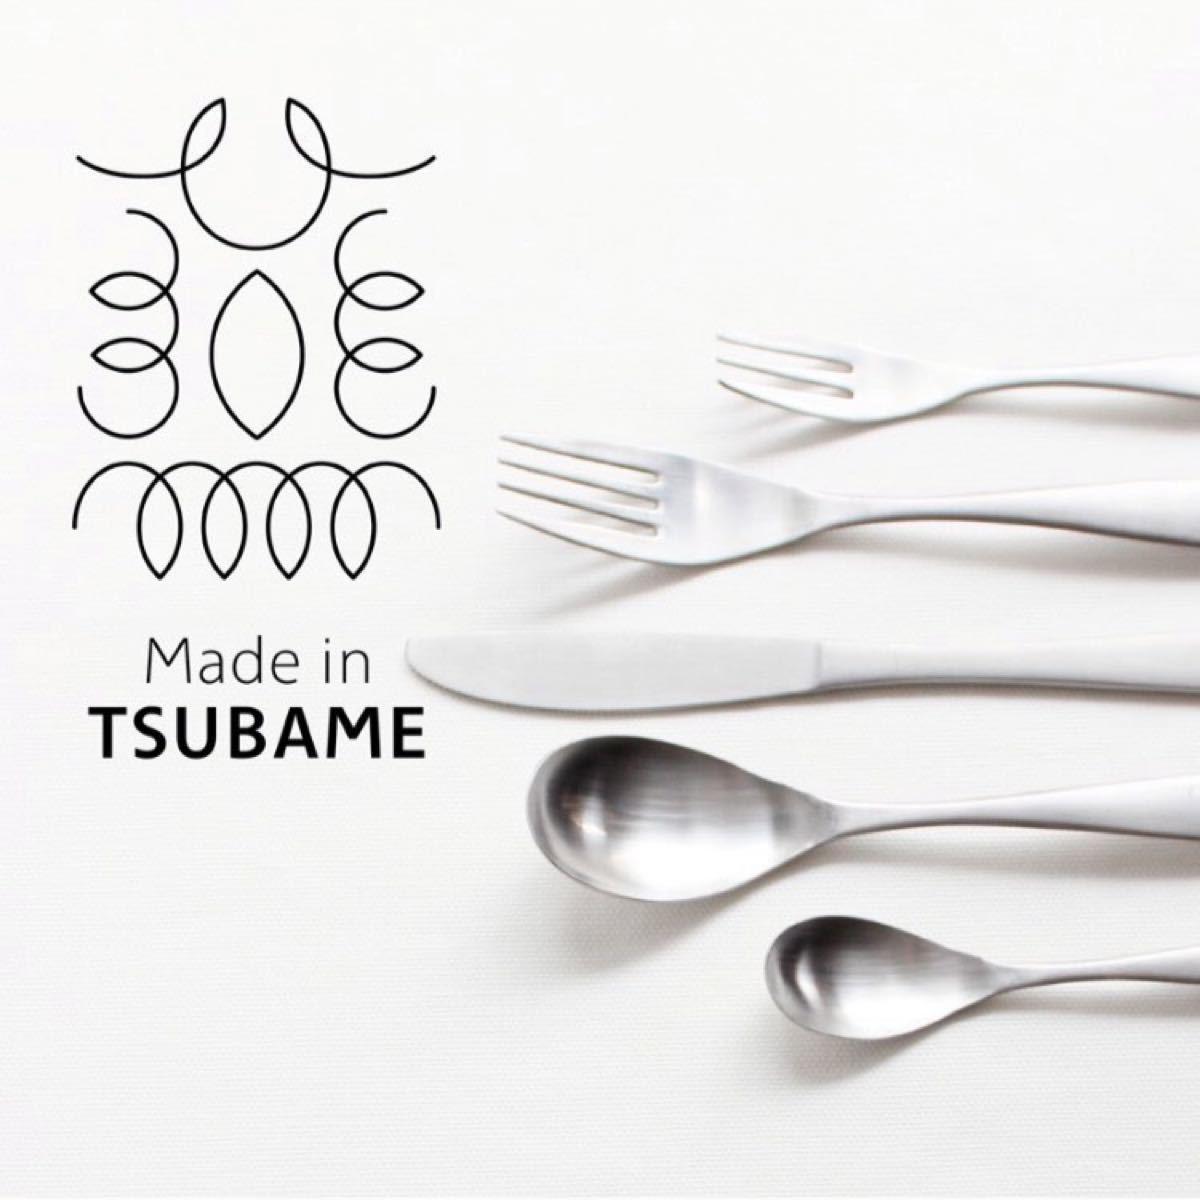 ツバメカトラリー 4本セット フォーク小 新品未使用 made in tsubame 燕